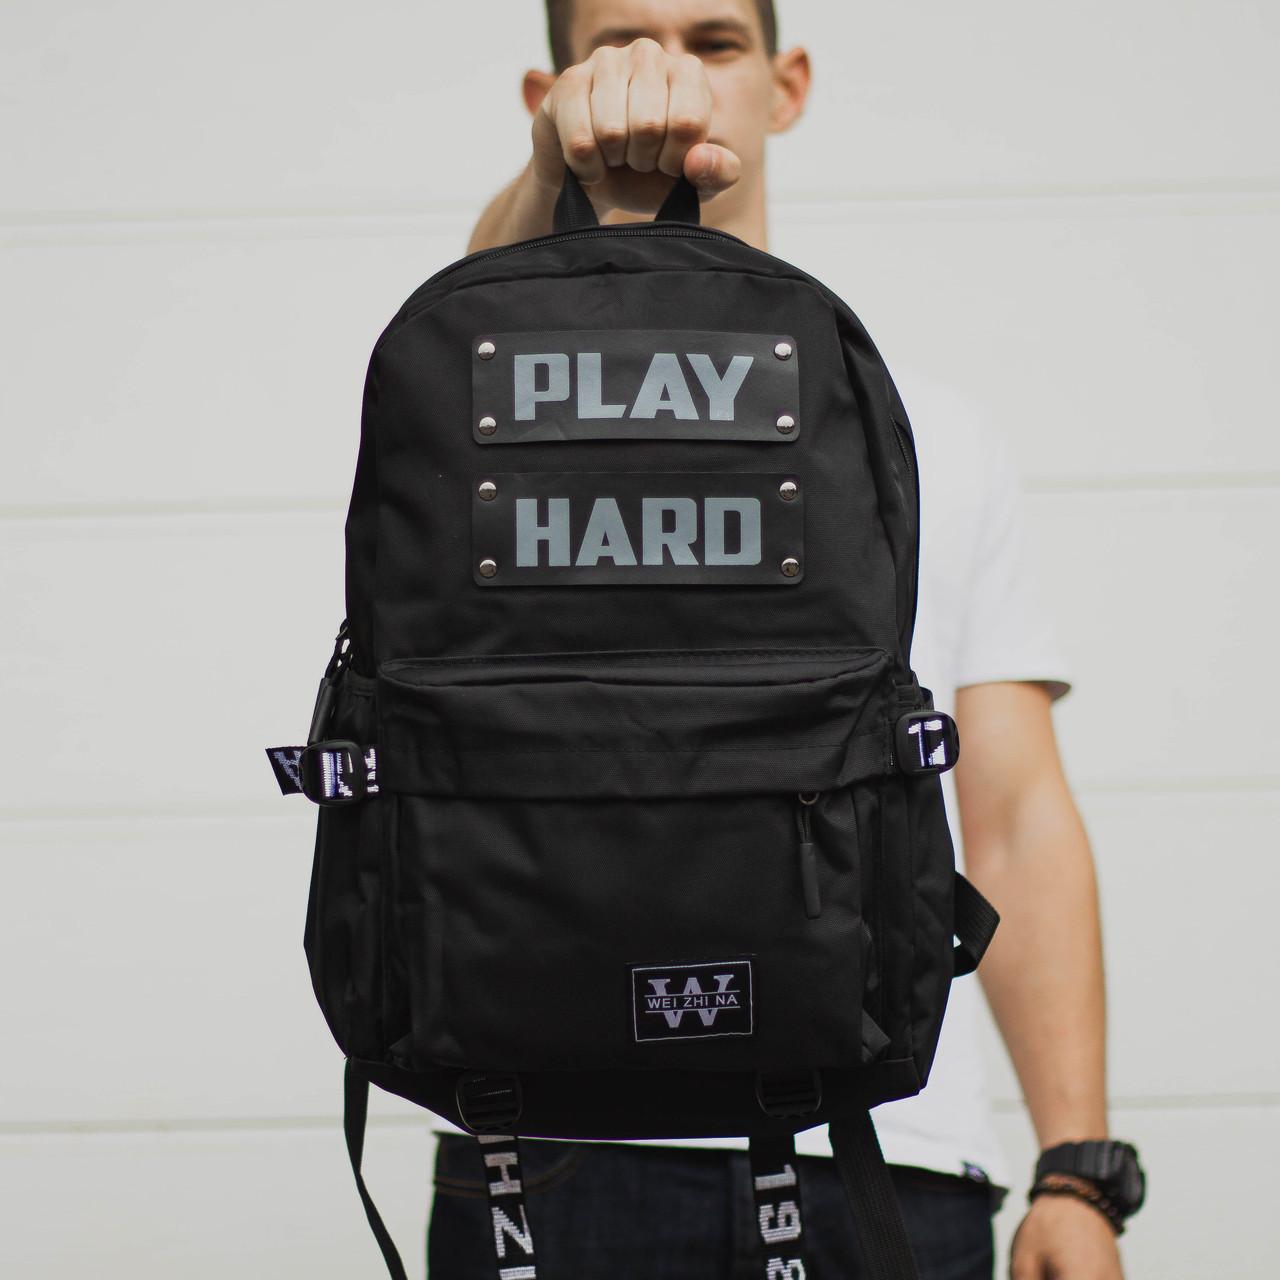 Рюкзак чорний модель Play Hard